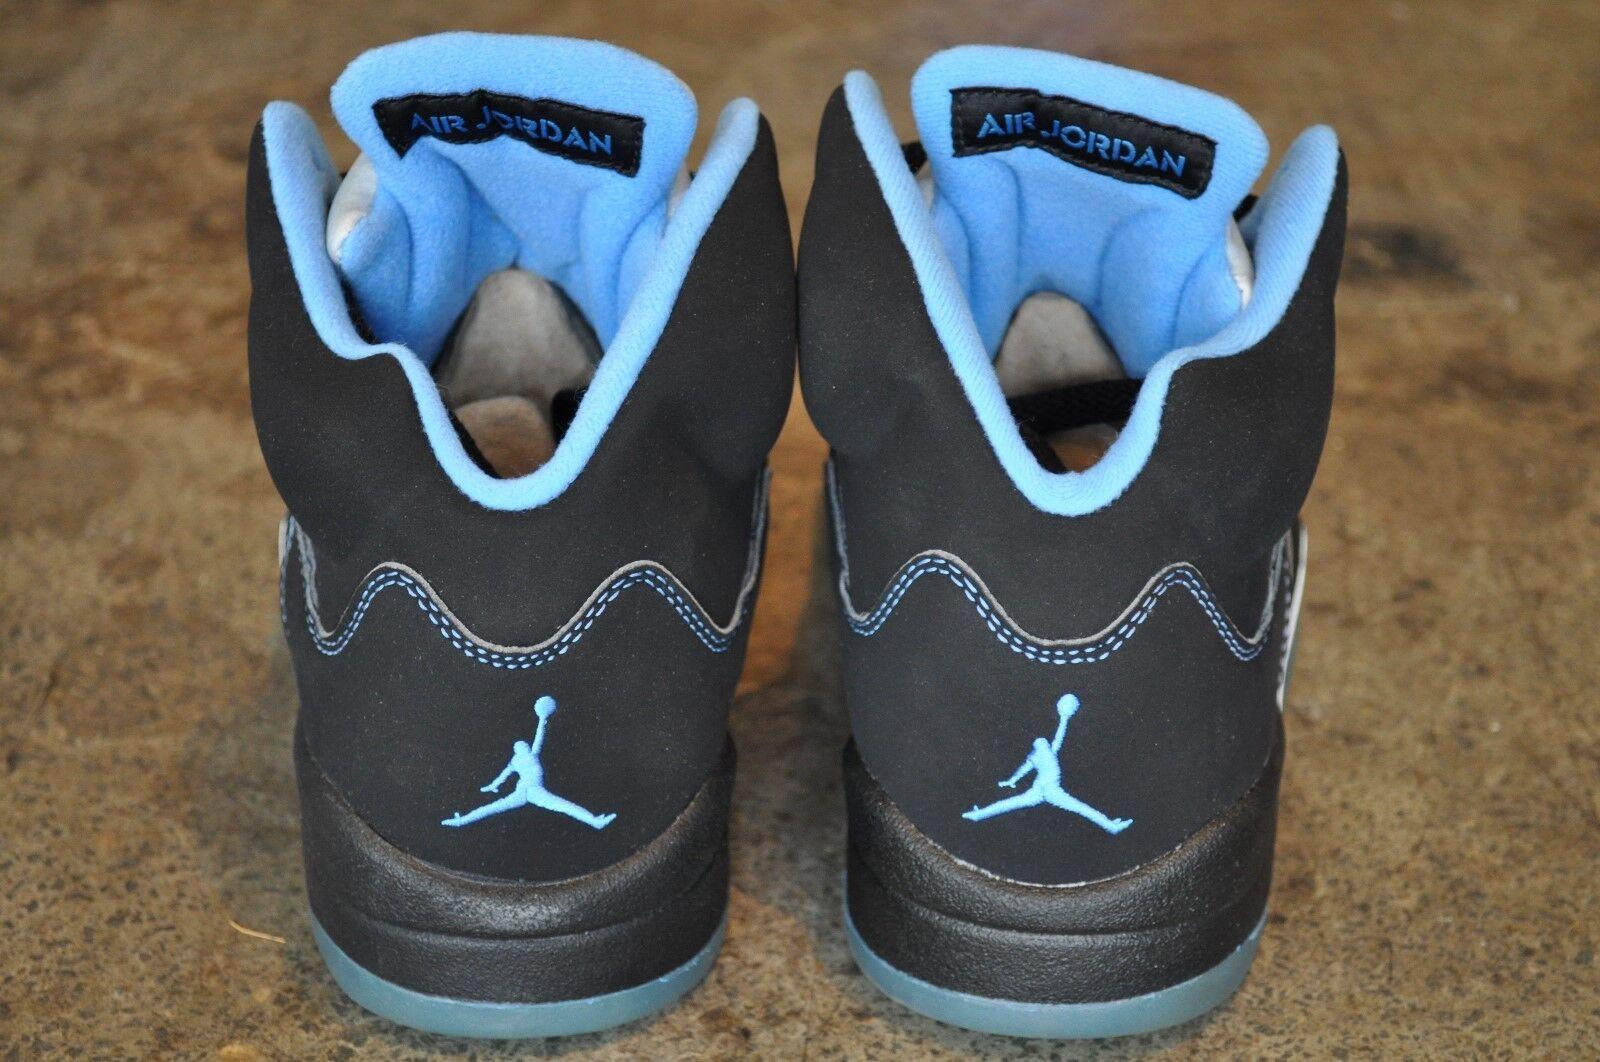 Nike LS Air Jordan 5 Retro LS Nike 2006 - Black/University Blue-White 7dac2e